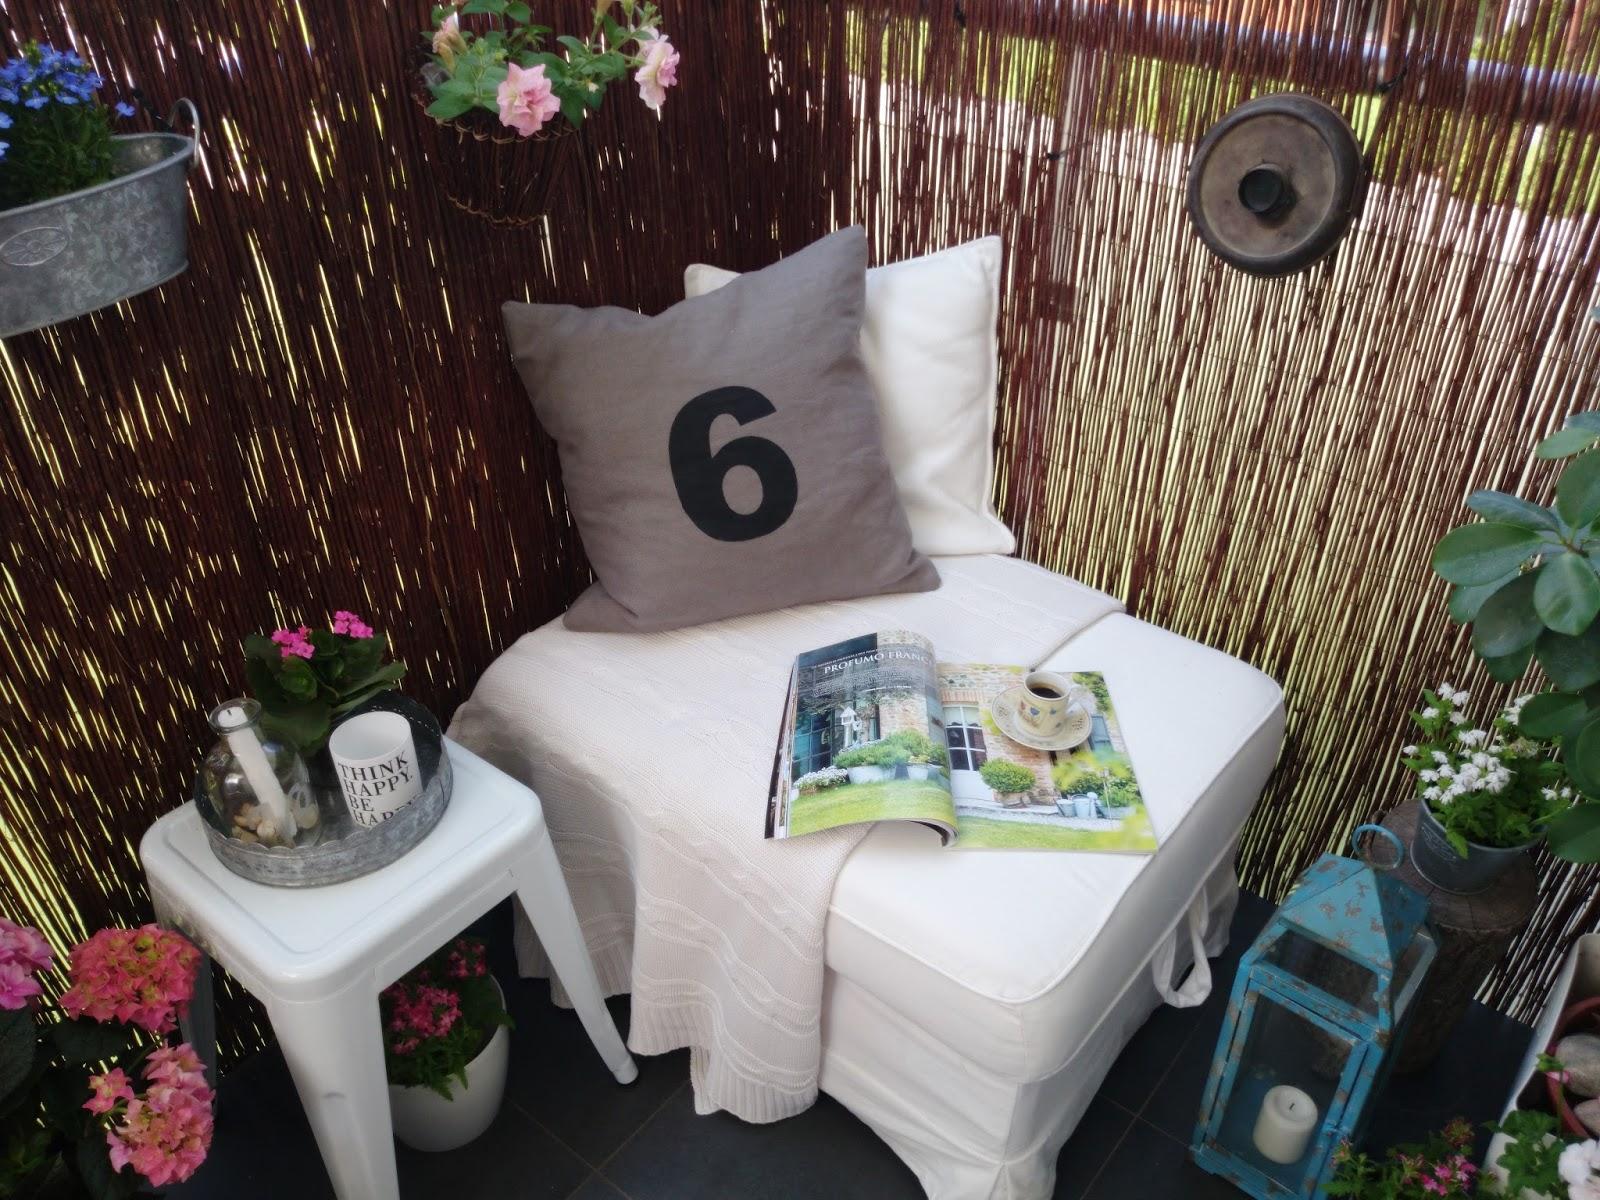 Turkusowy lampion z metalu, biały metalowy taboret, biała pufa na balkonie, lniana poduszka